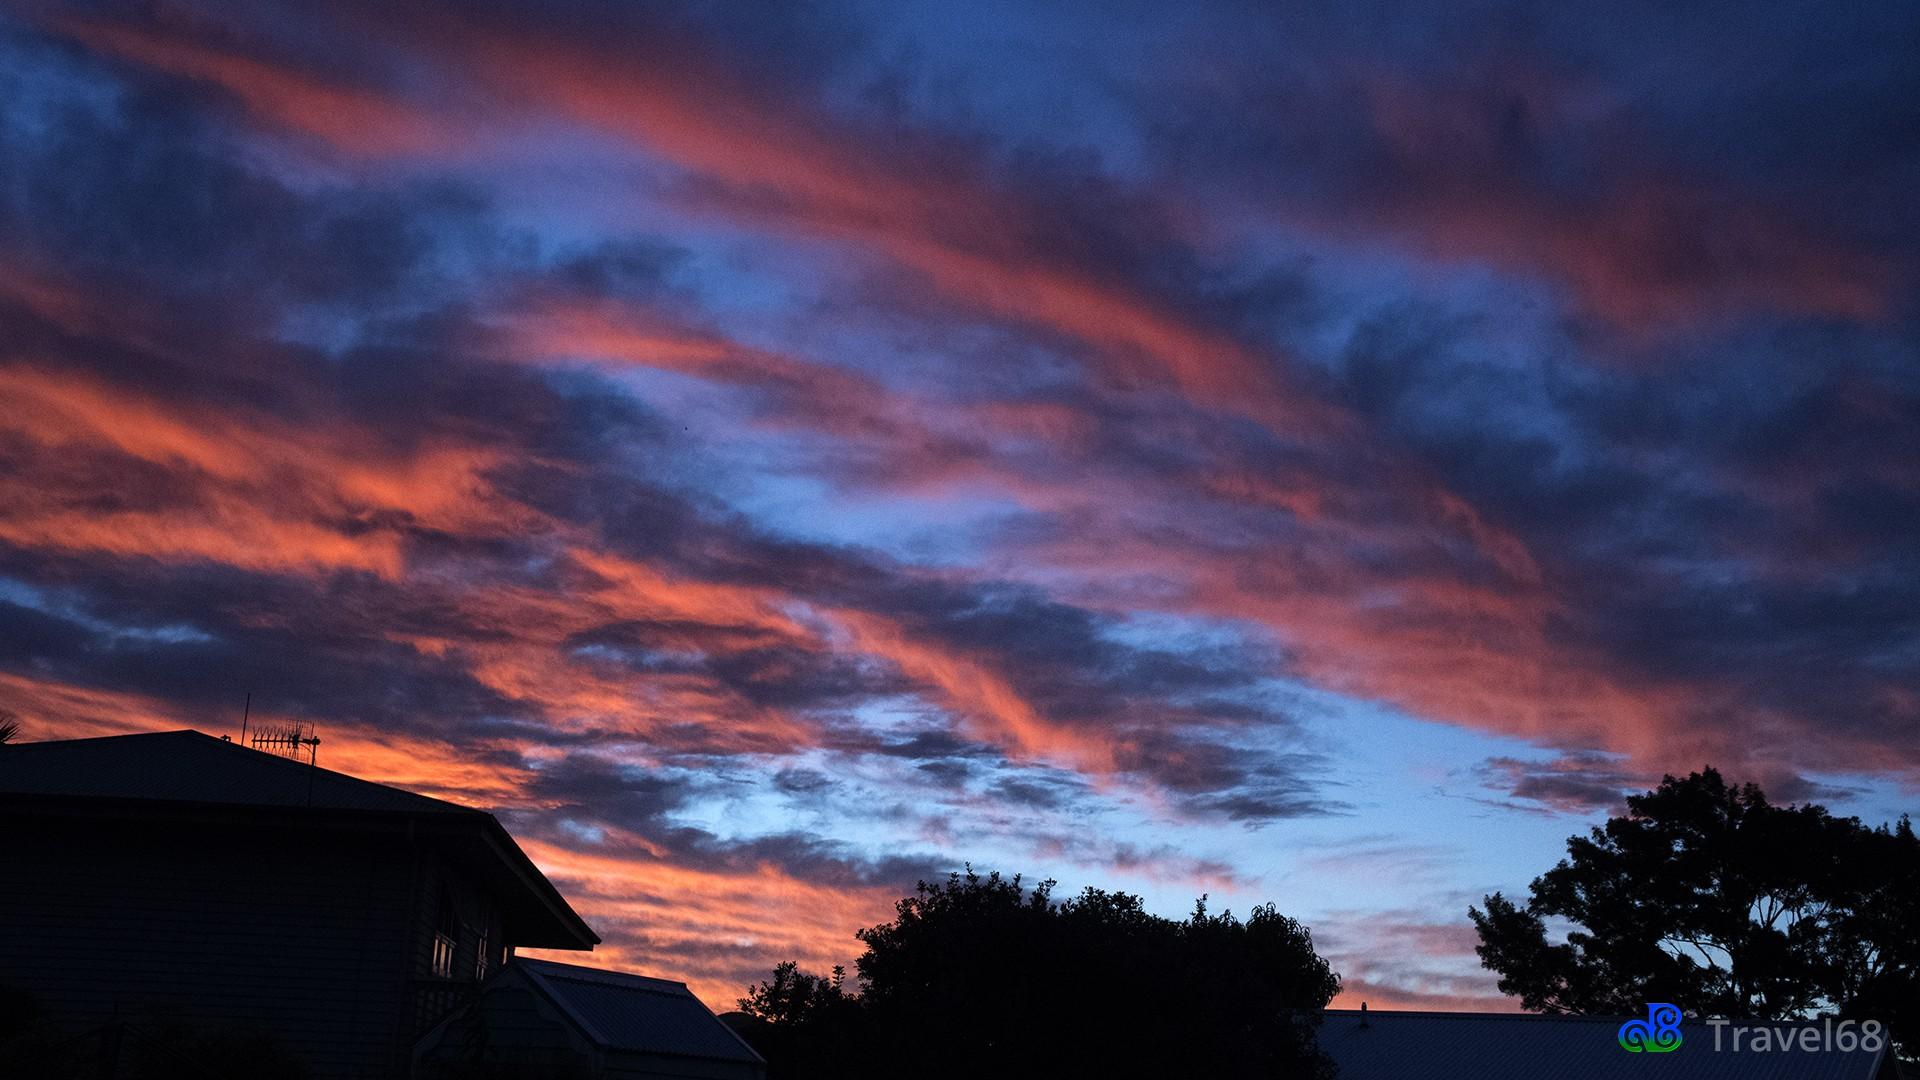 Tegen zonsondergang begint de lucht te verkleuren